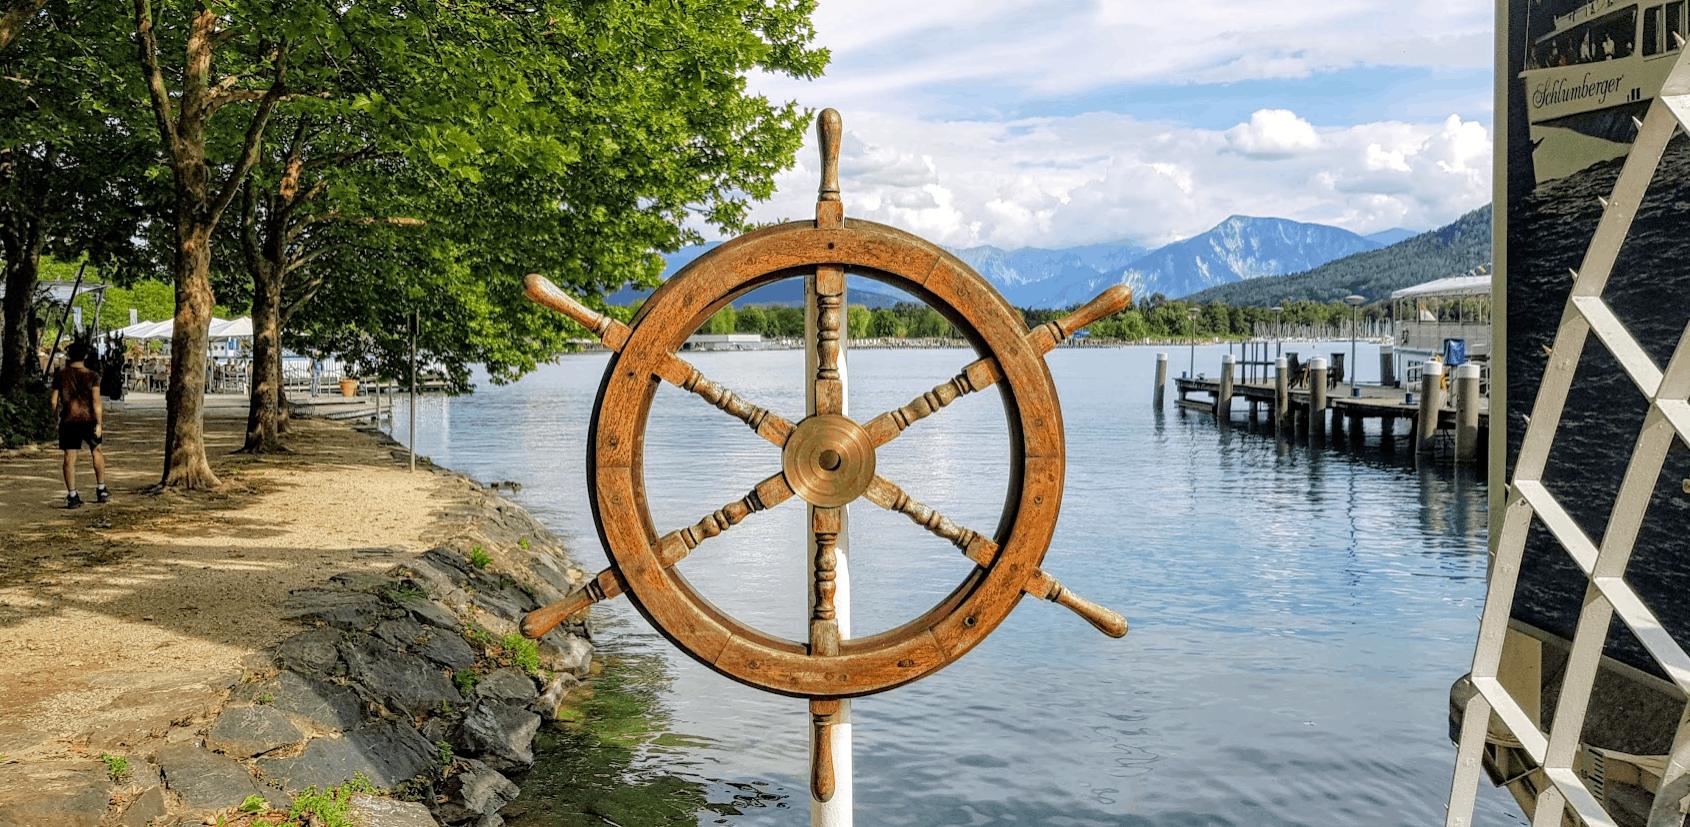 Wörthersee Schifffahrt Ostbucht Klagenfurt in Kärnten